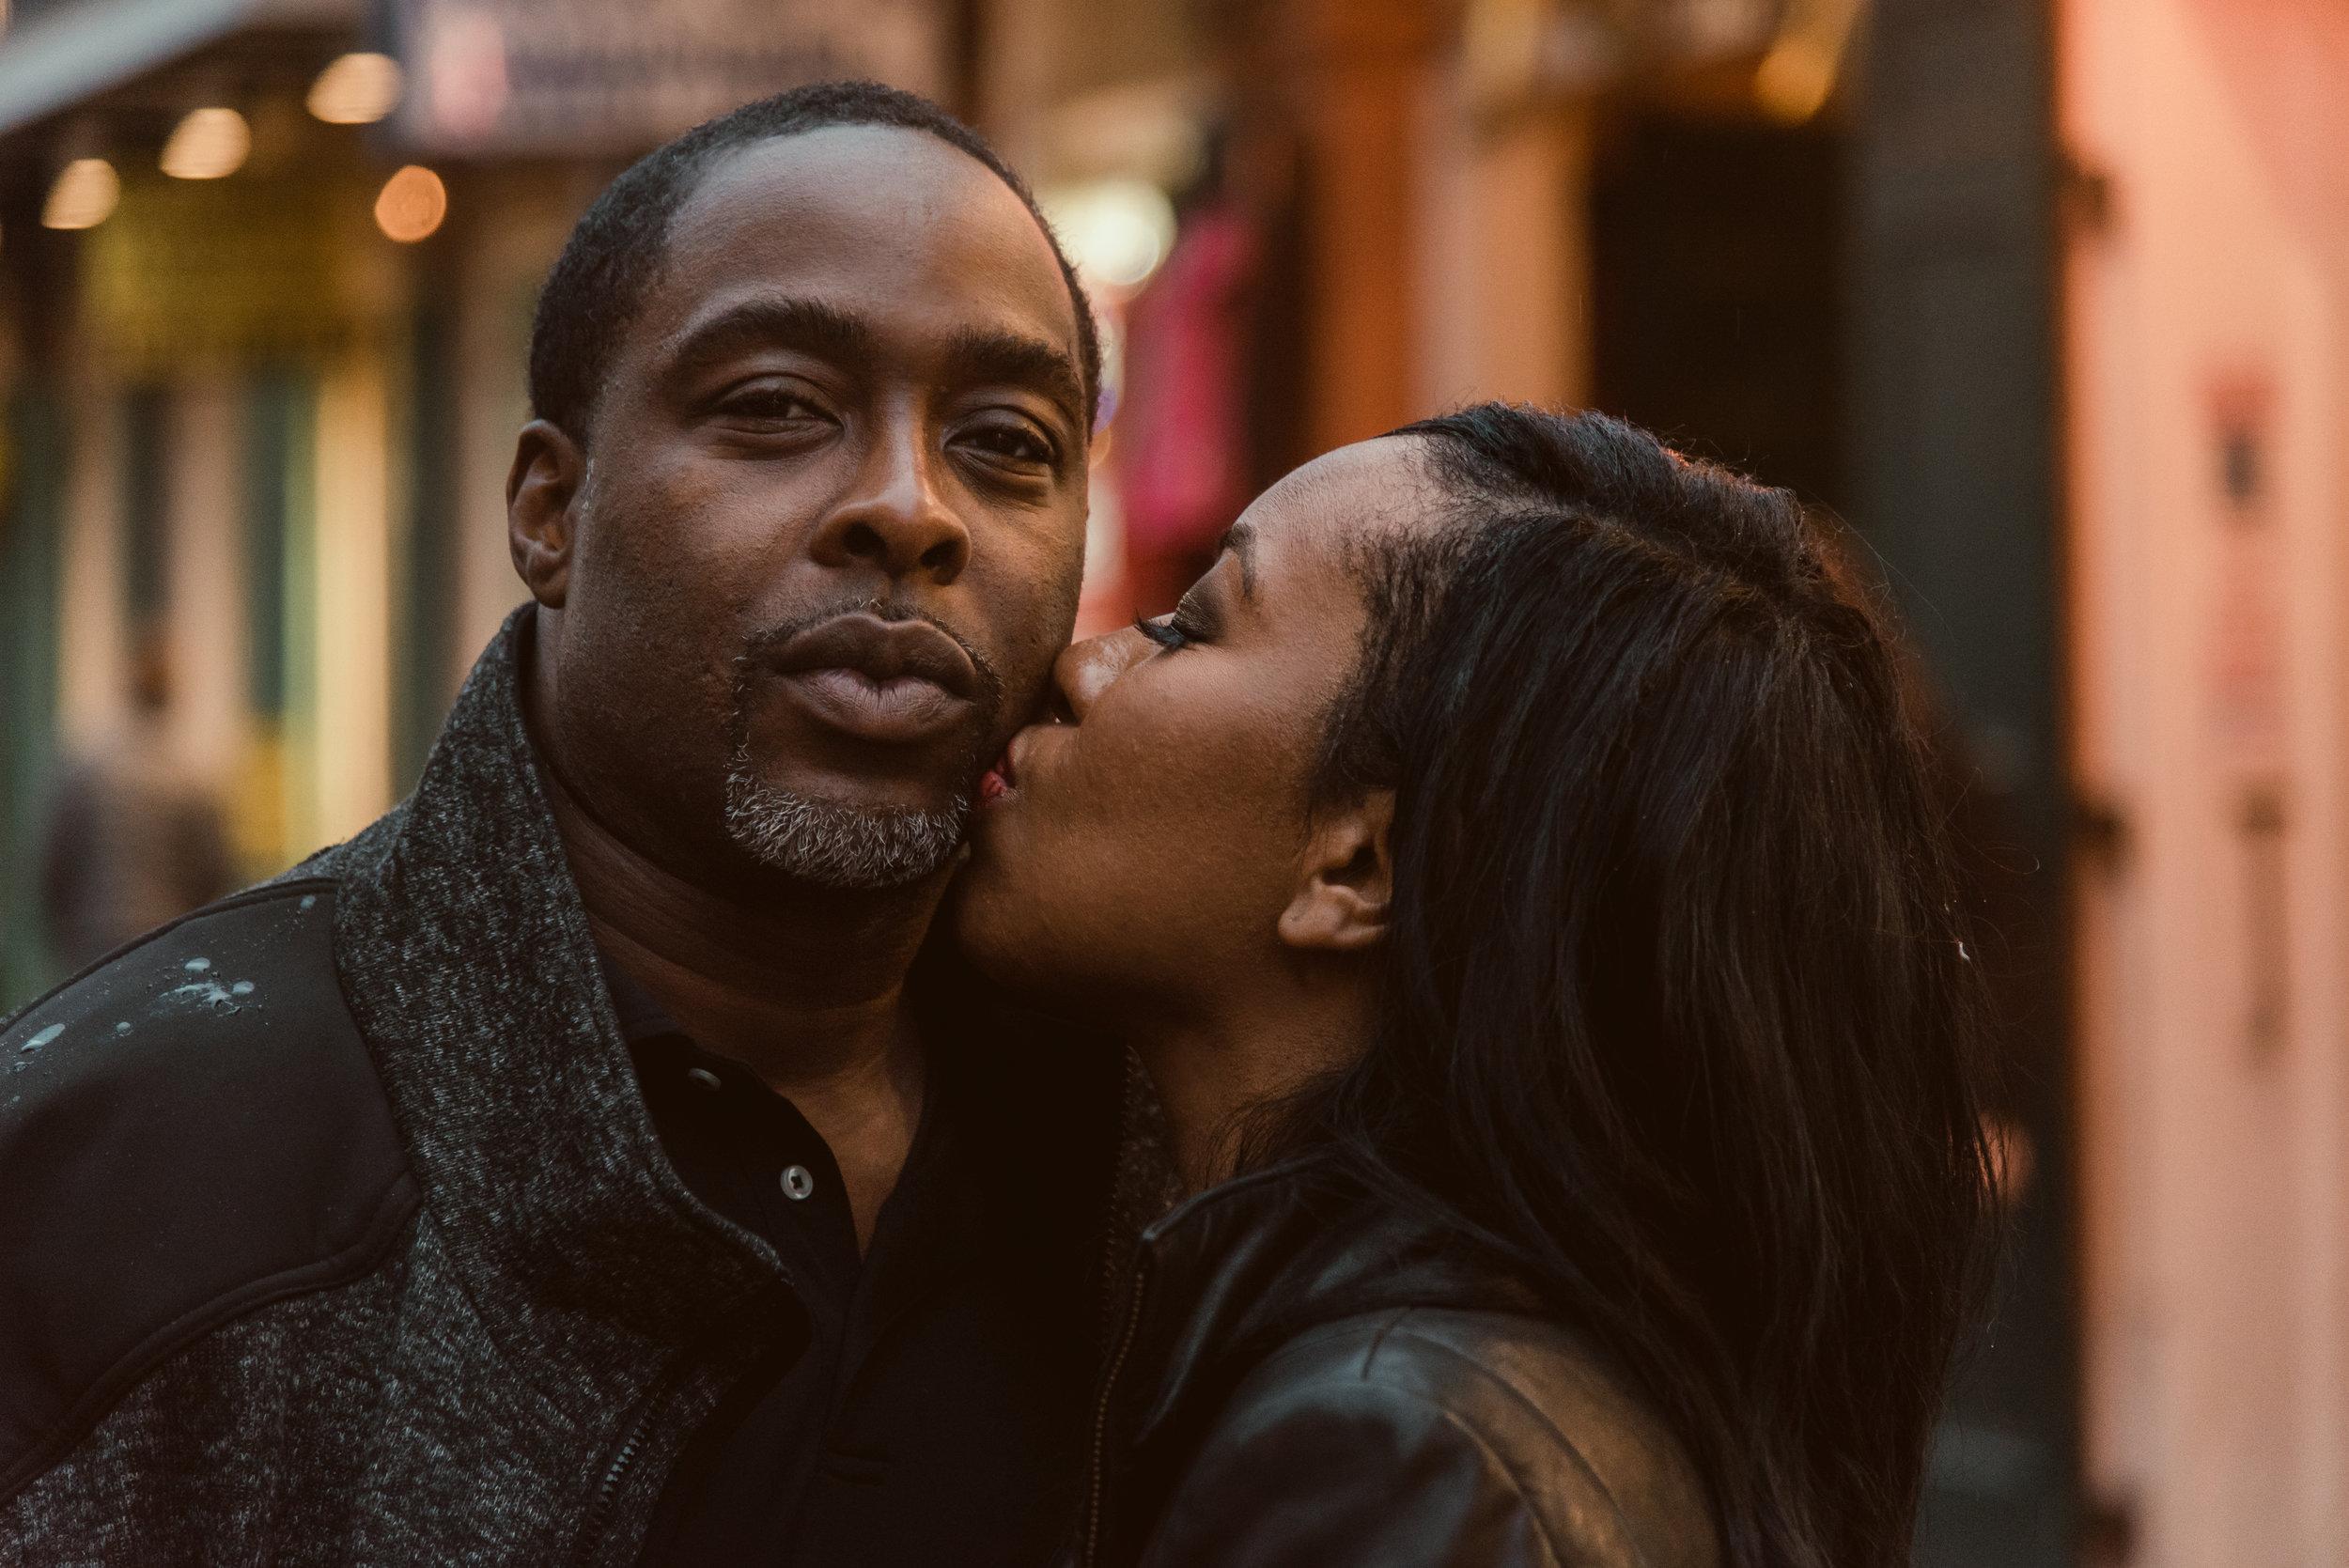 Ebony and Keith - French Quarter Engagement - Kallistia Photography-2.jpg